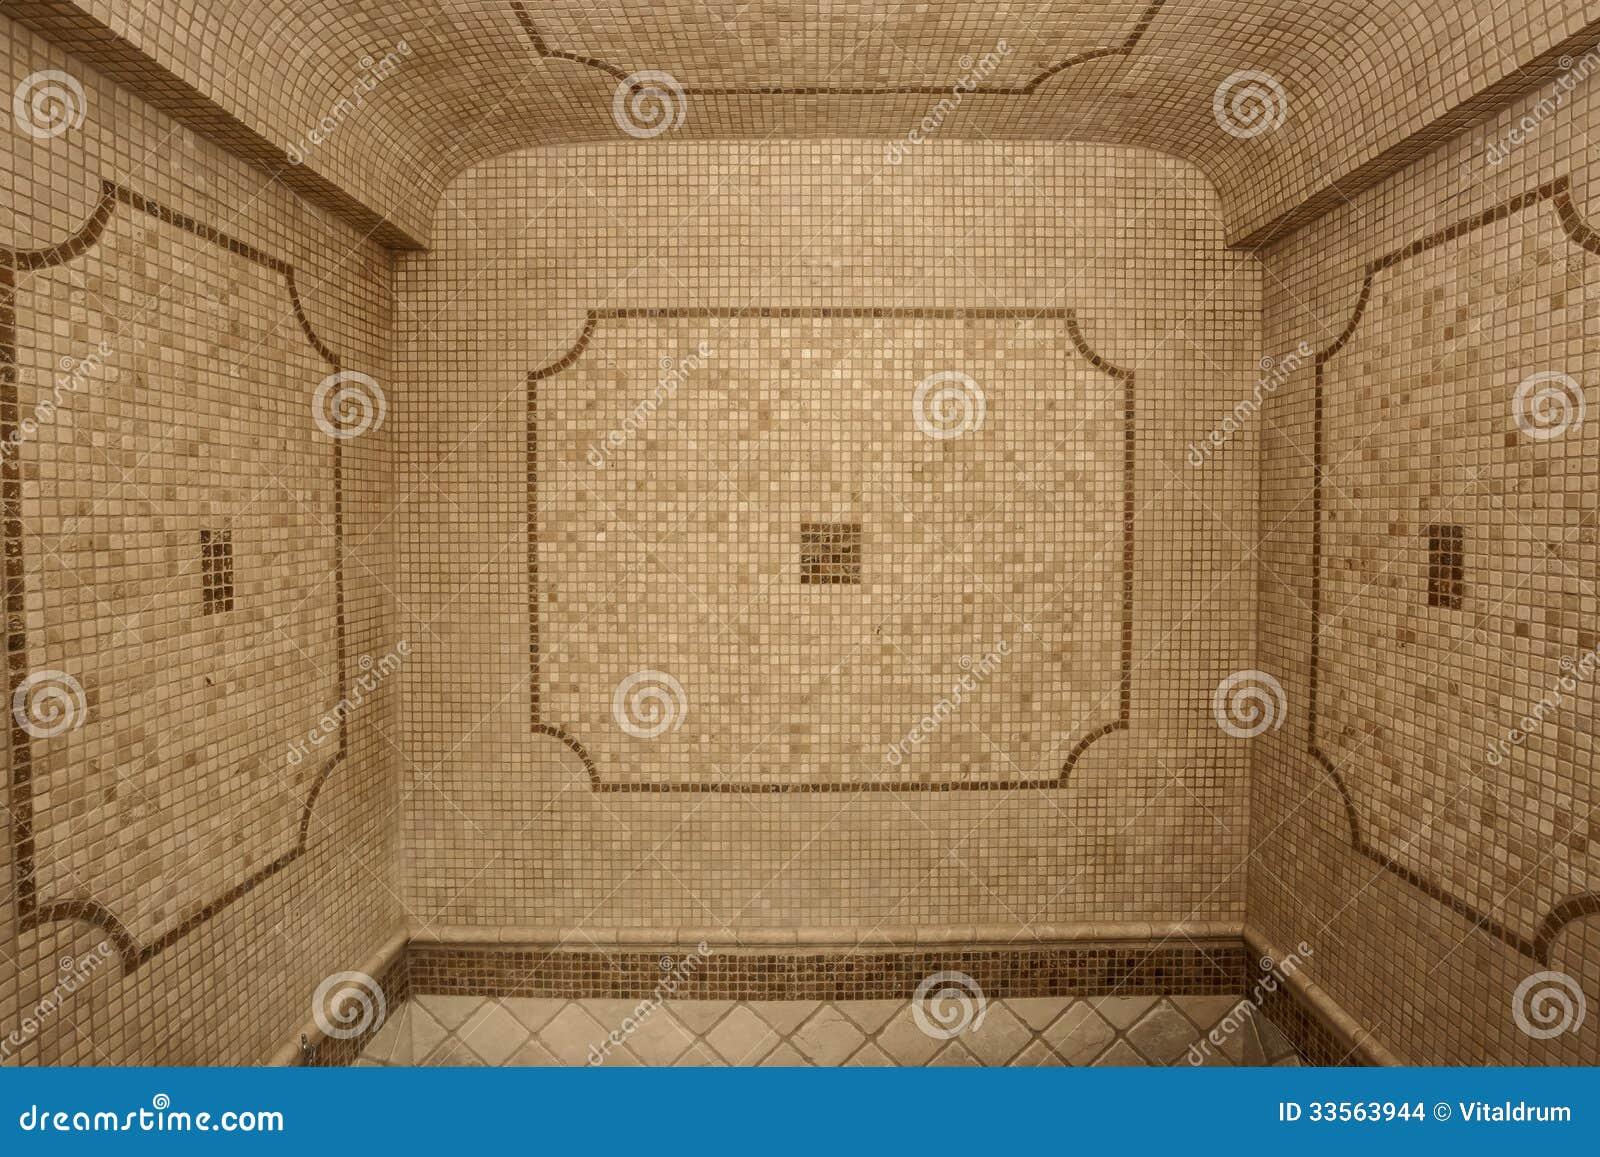 Bagno Mattonelle Mosaico : Pareti classiche delle mattonelle del ceramico mosaico del bagno